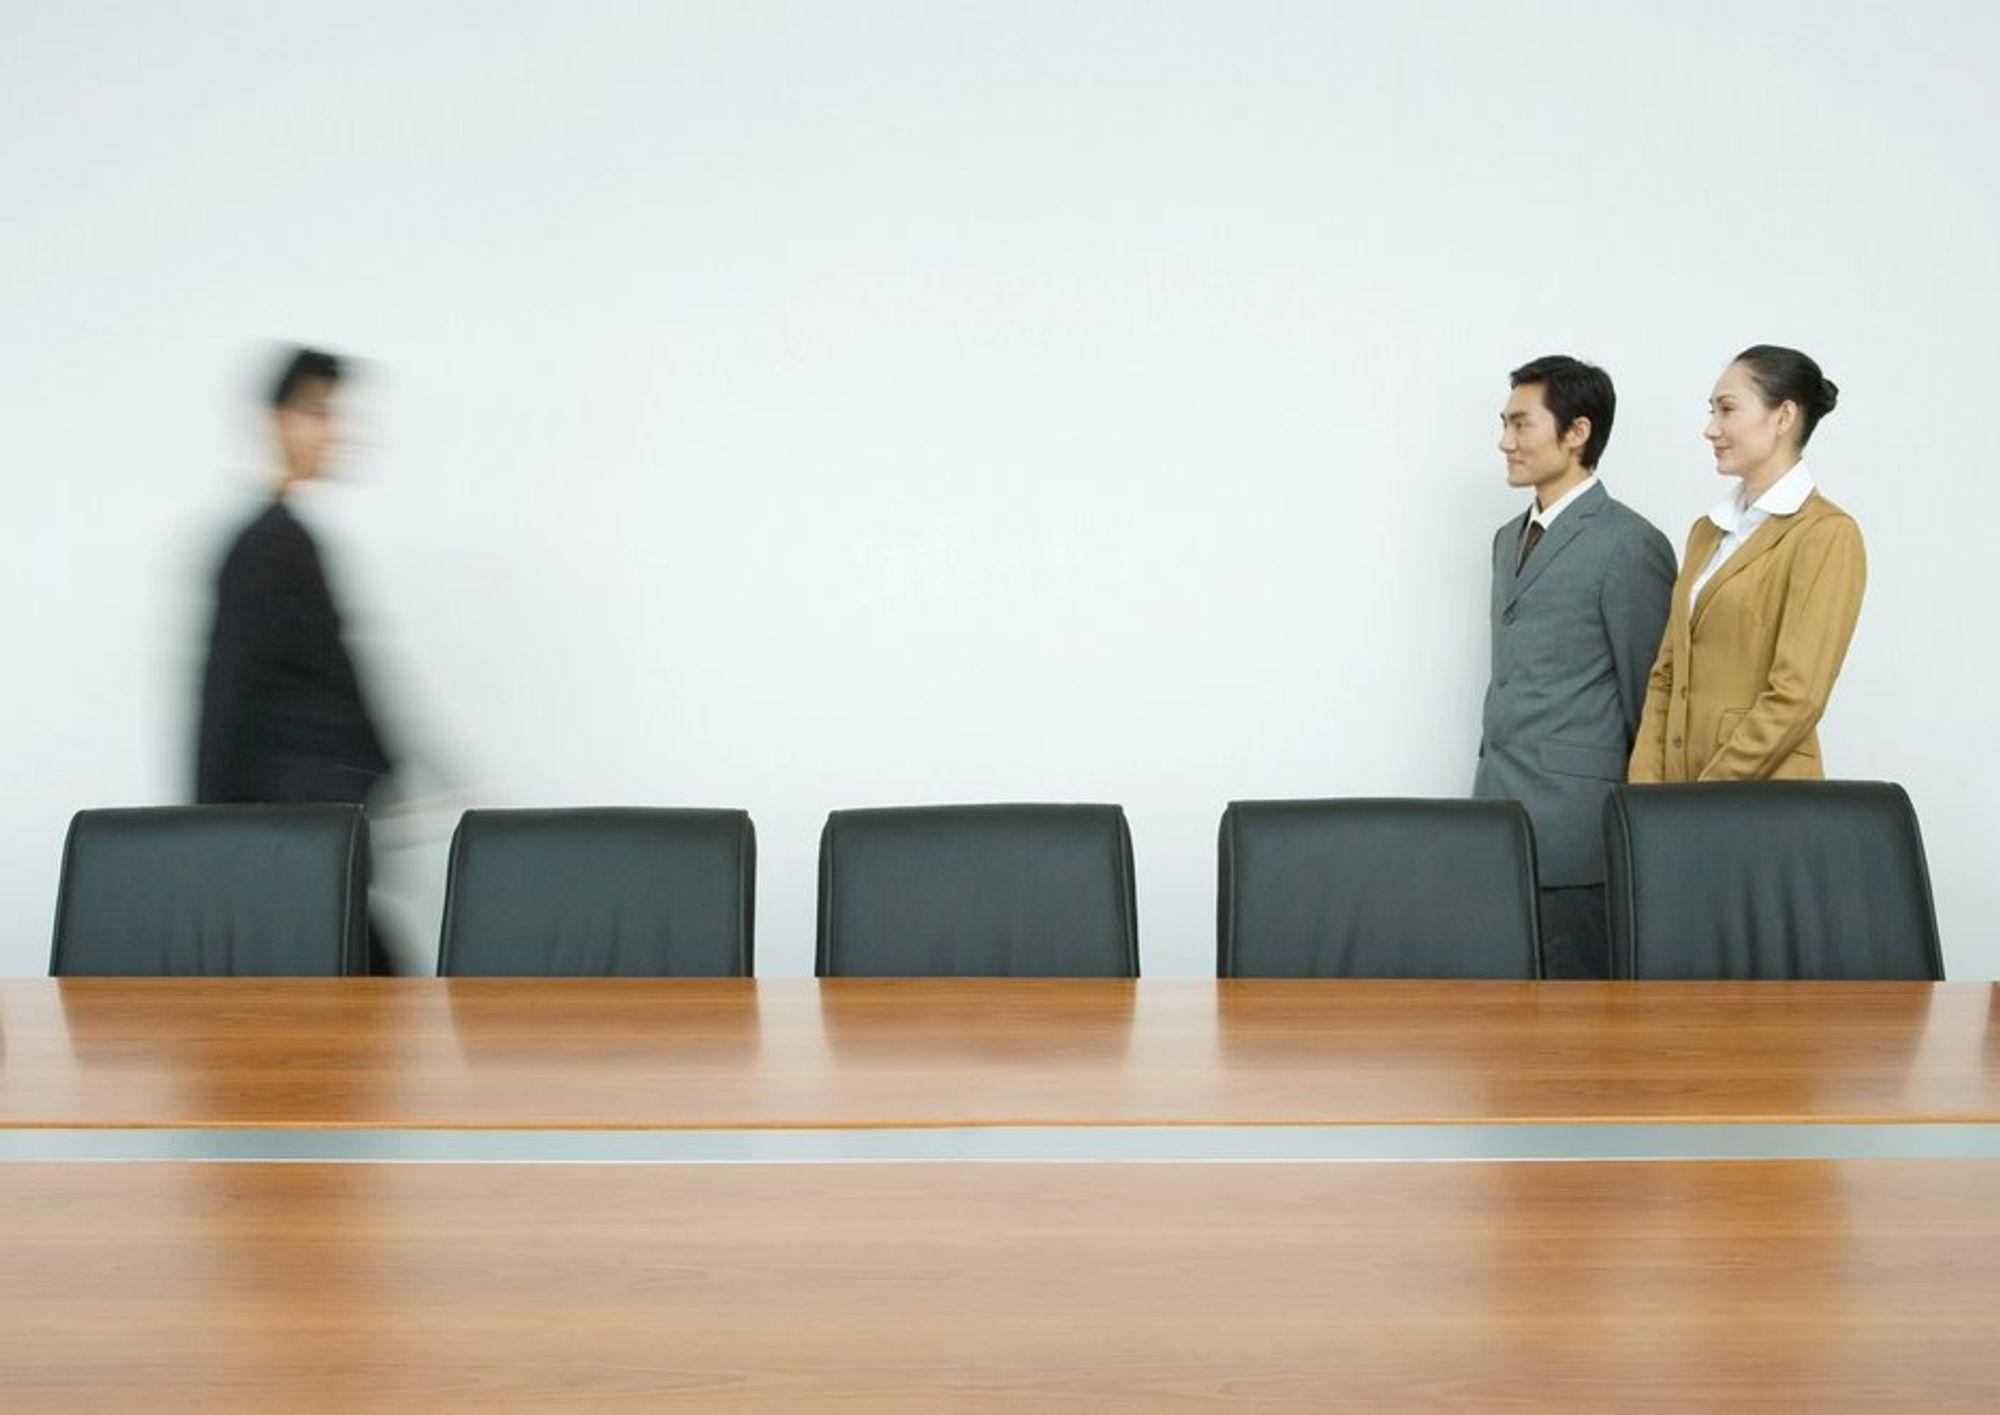 Møterom. Styrerom. Businessfolk. Businessmann, Stress. Arbeidsliv. Arbeidsledighet. Stramt arbeidsmarked.